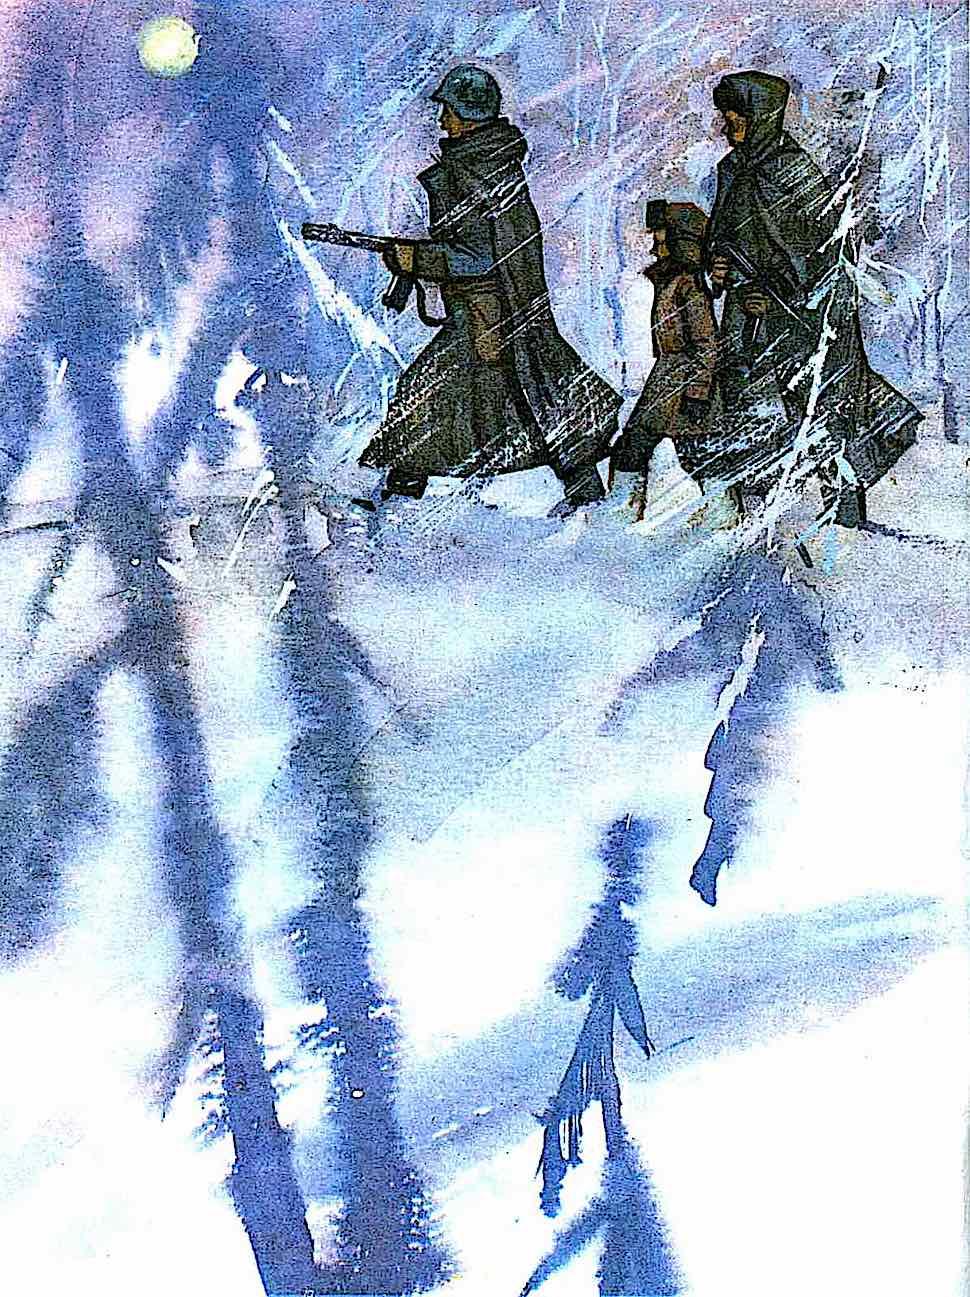 a Soviet Children's Book illustration about WW2